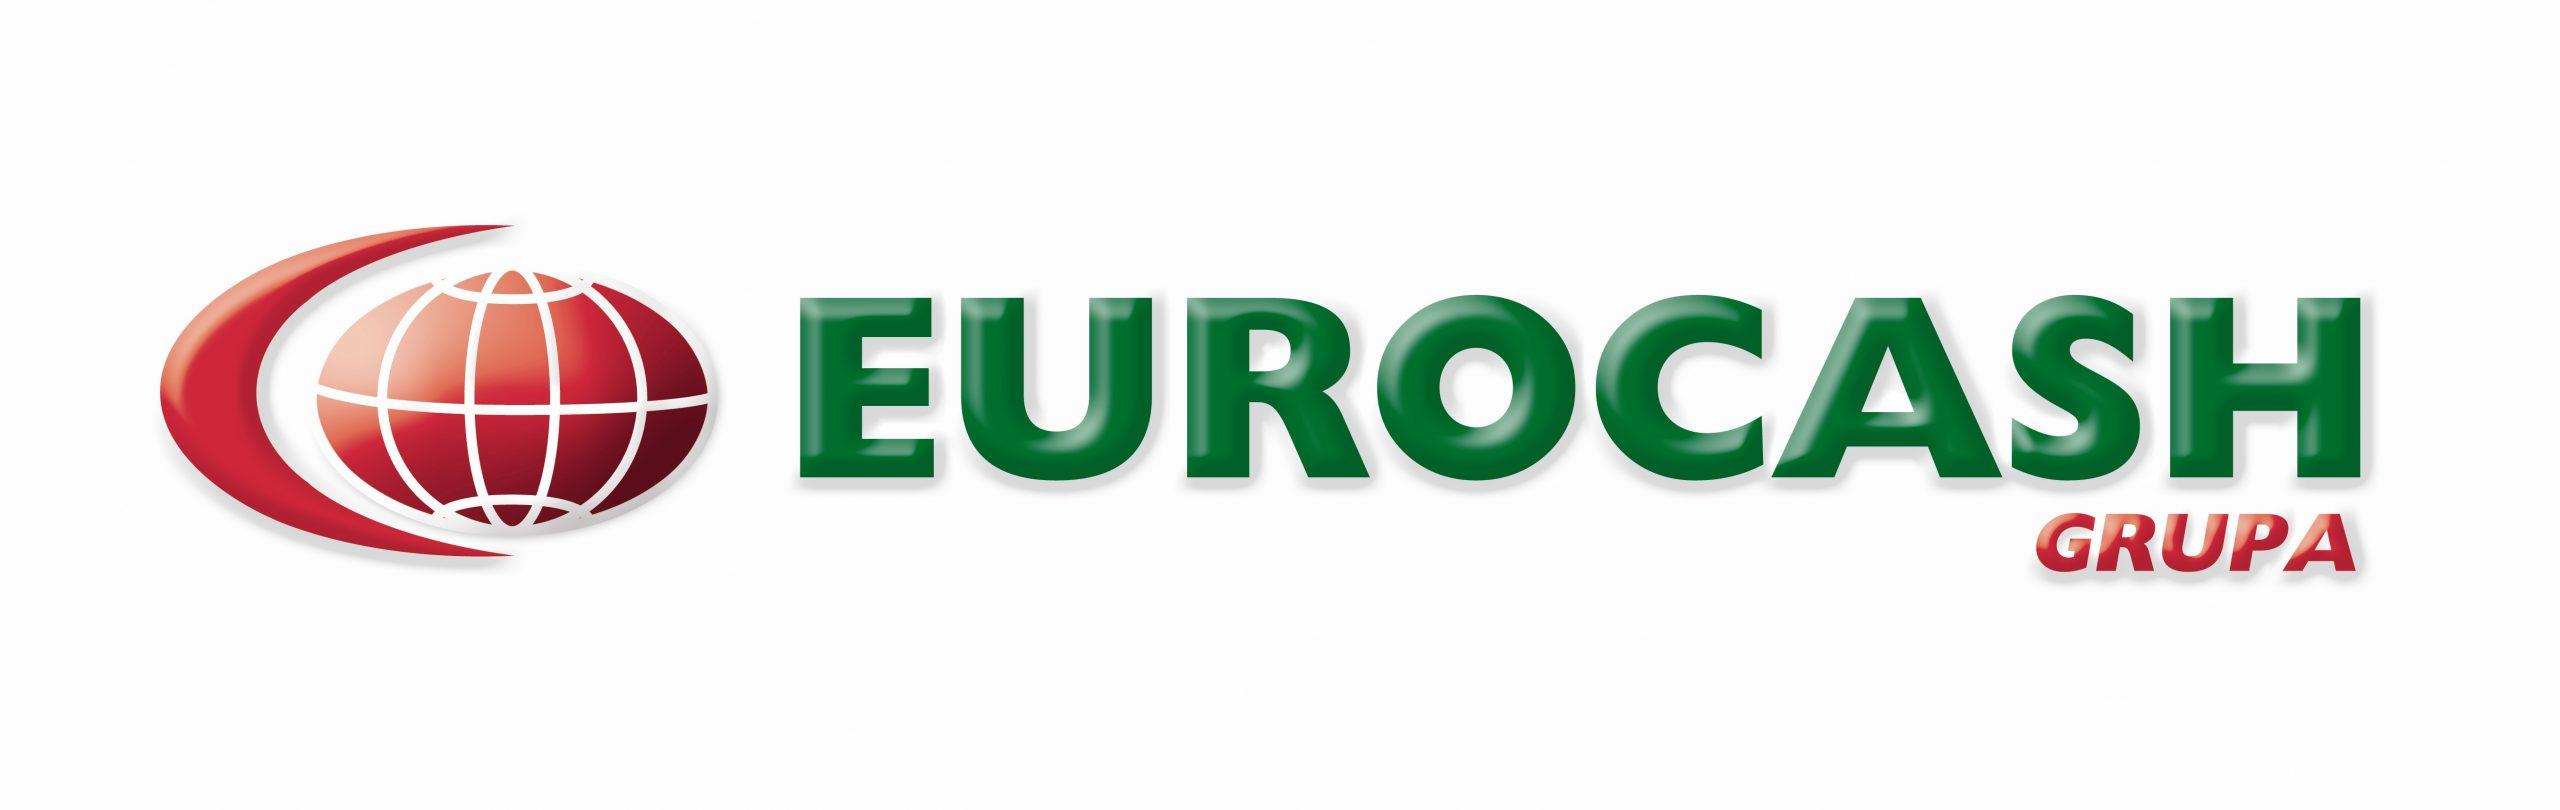 Grupa Eurocash publikuje wyniki za I kwartał 2017 r.